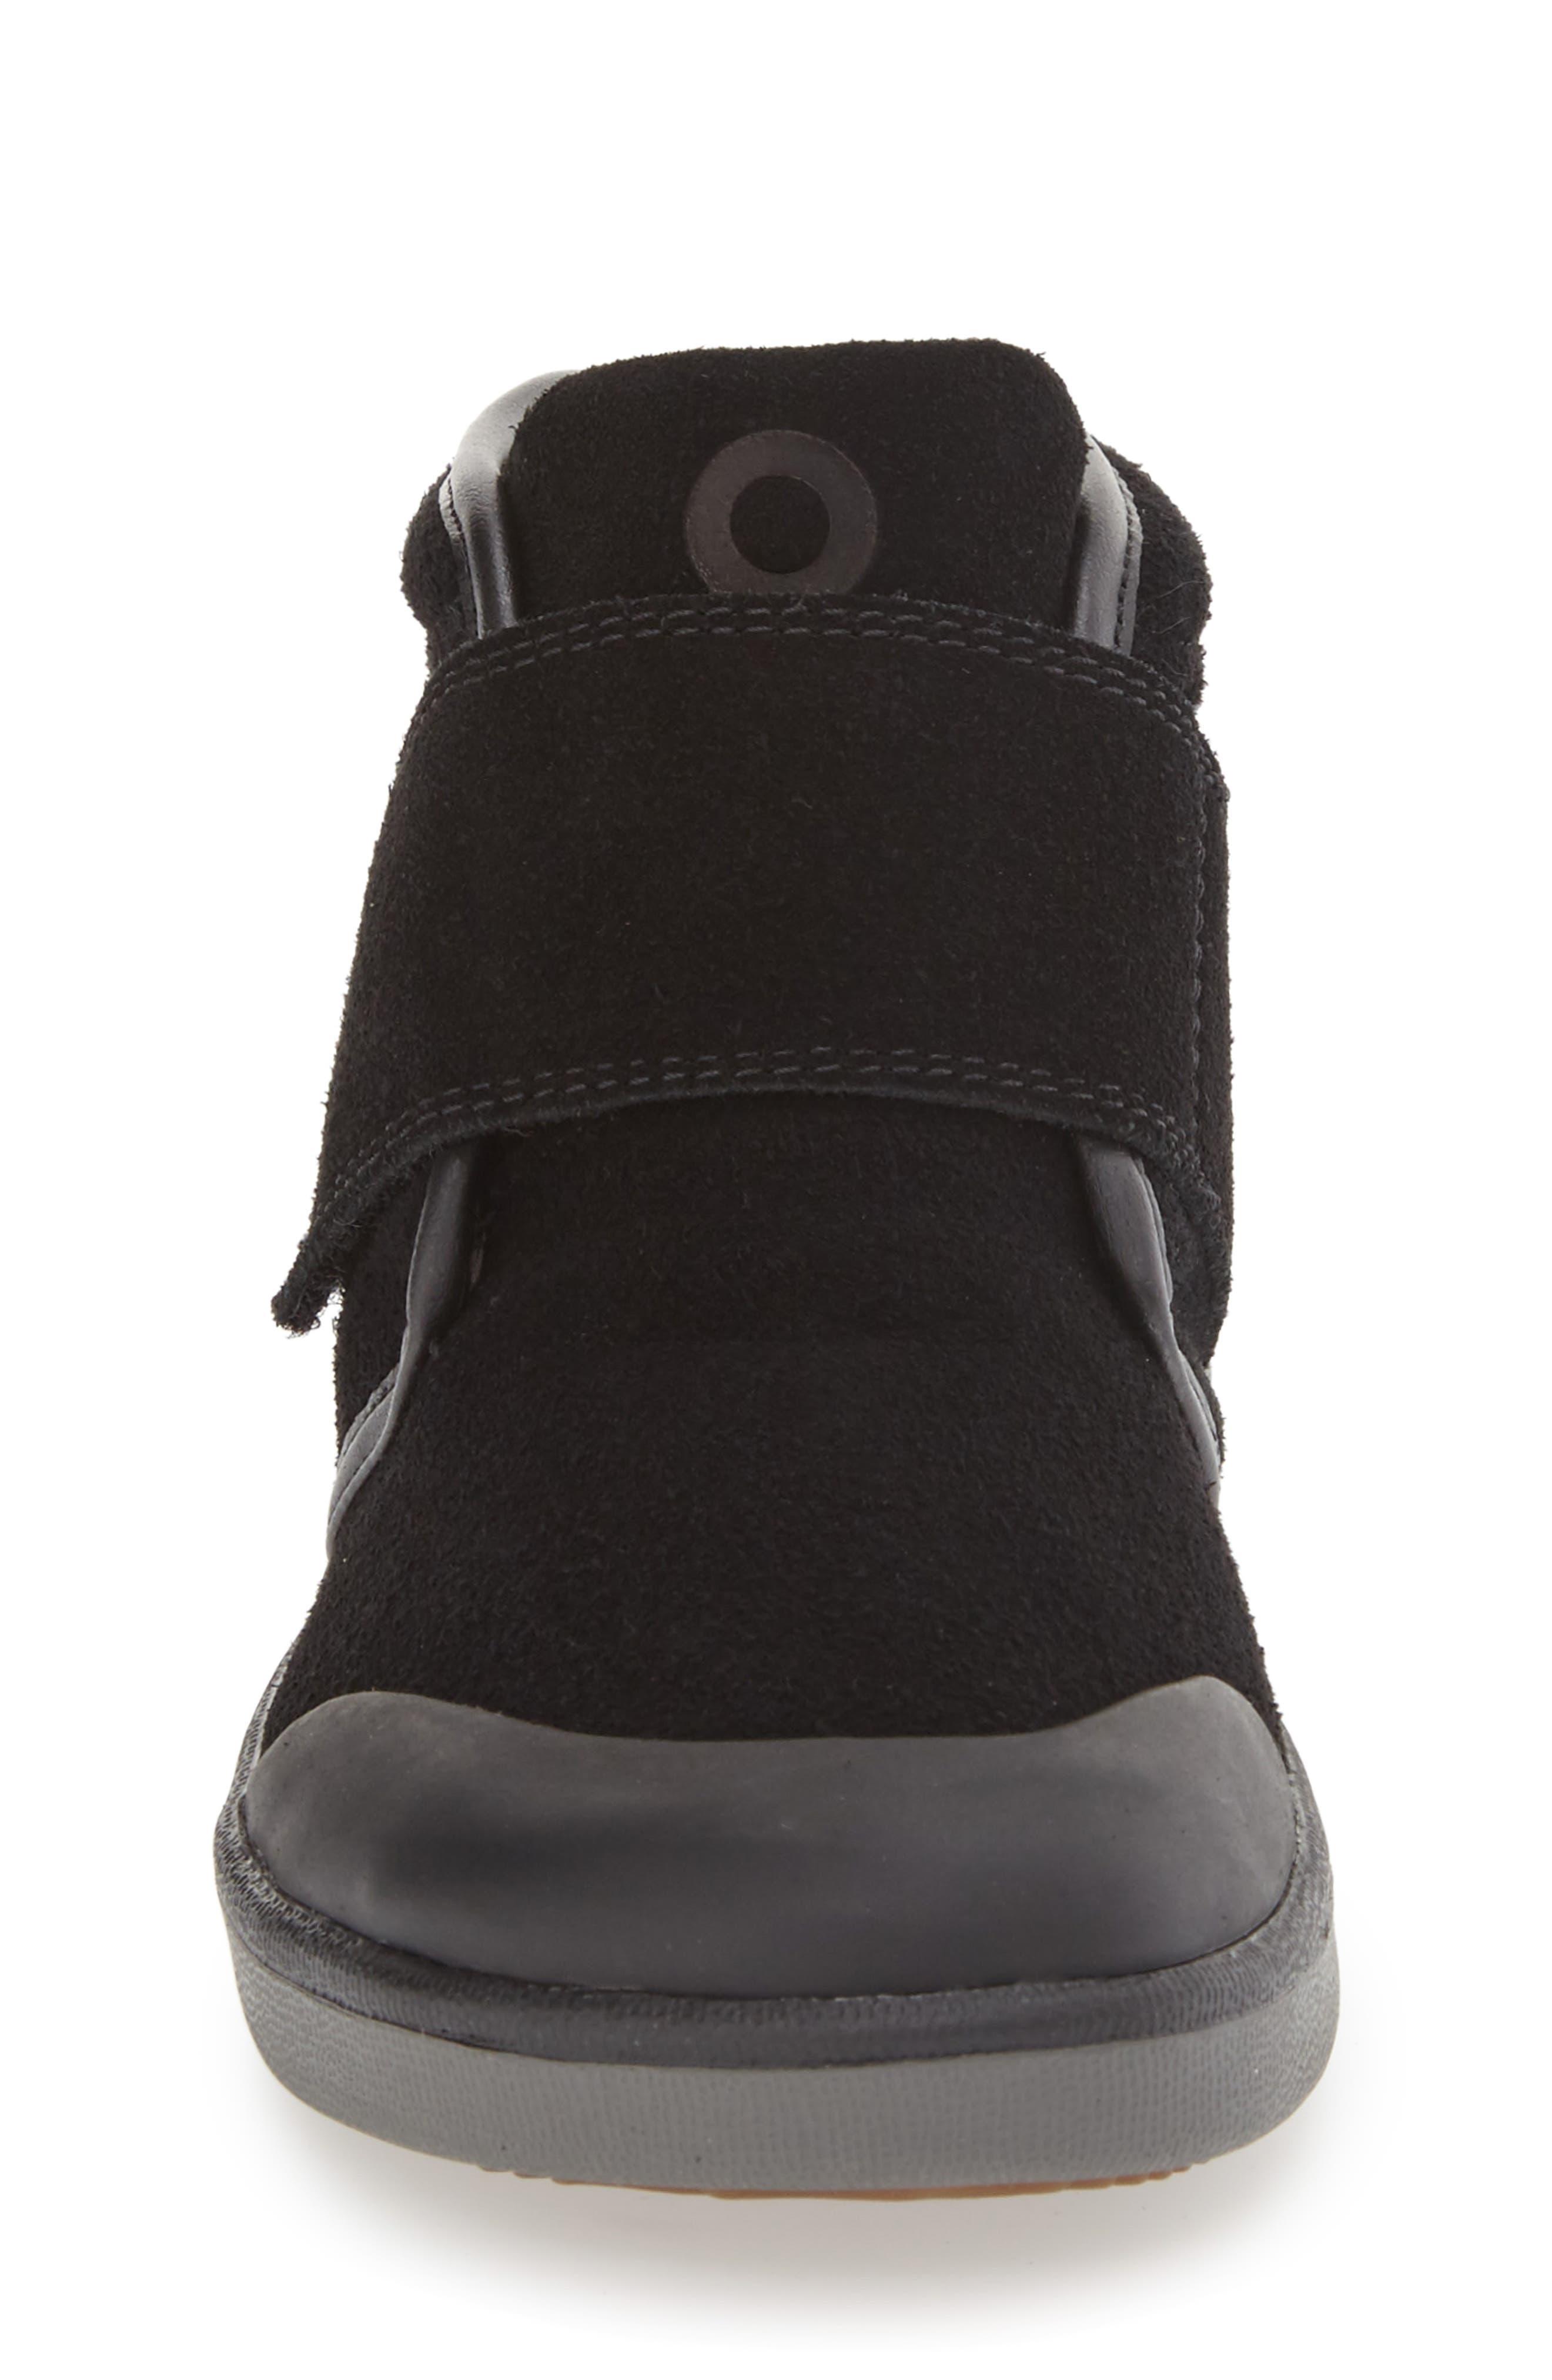 Alternate Image 4  - Bogs 'Sammy' Waterproof Sneaker (Walker, Toddler & Little Kid)